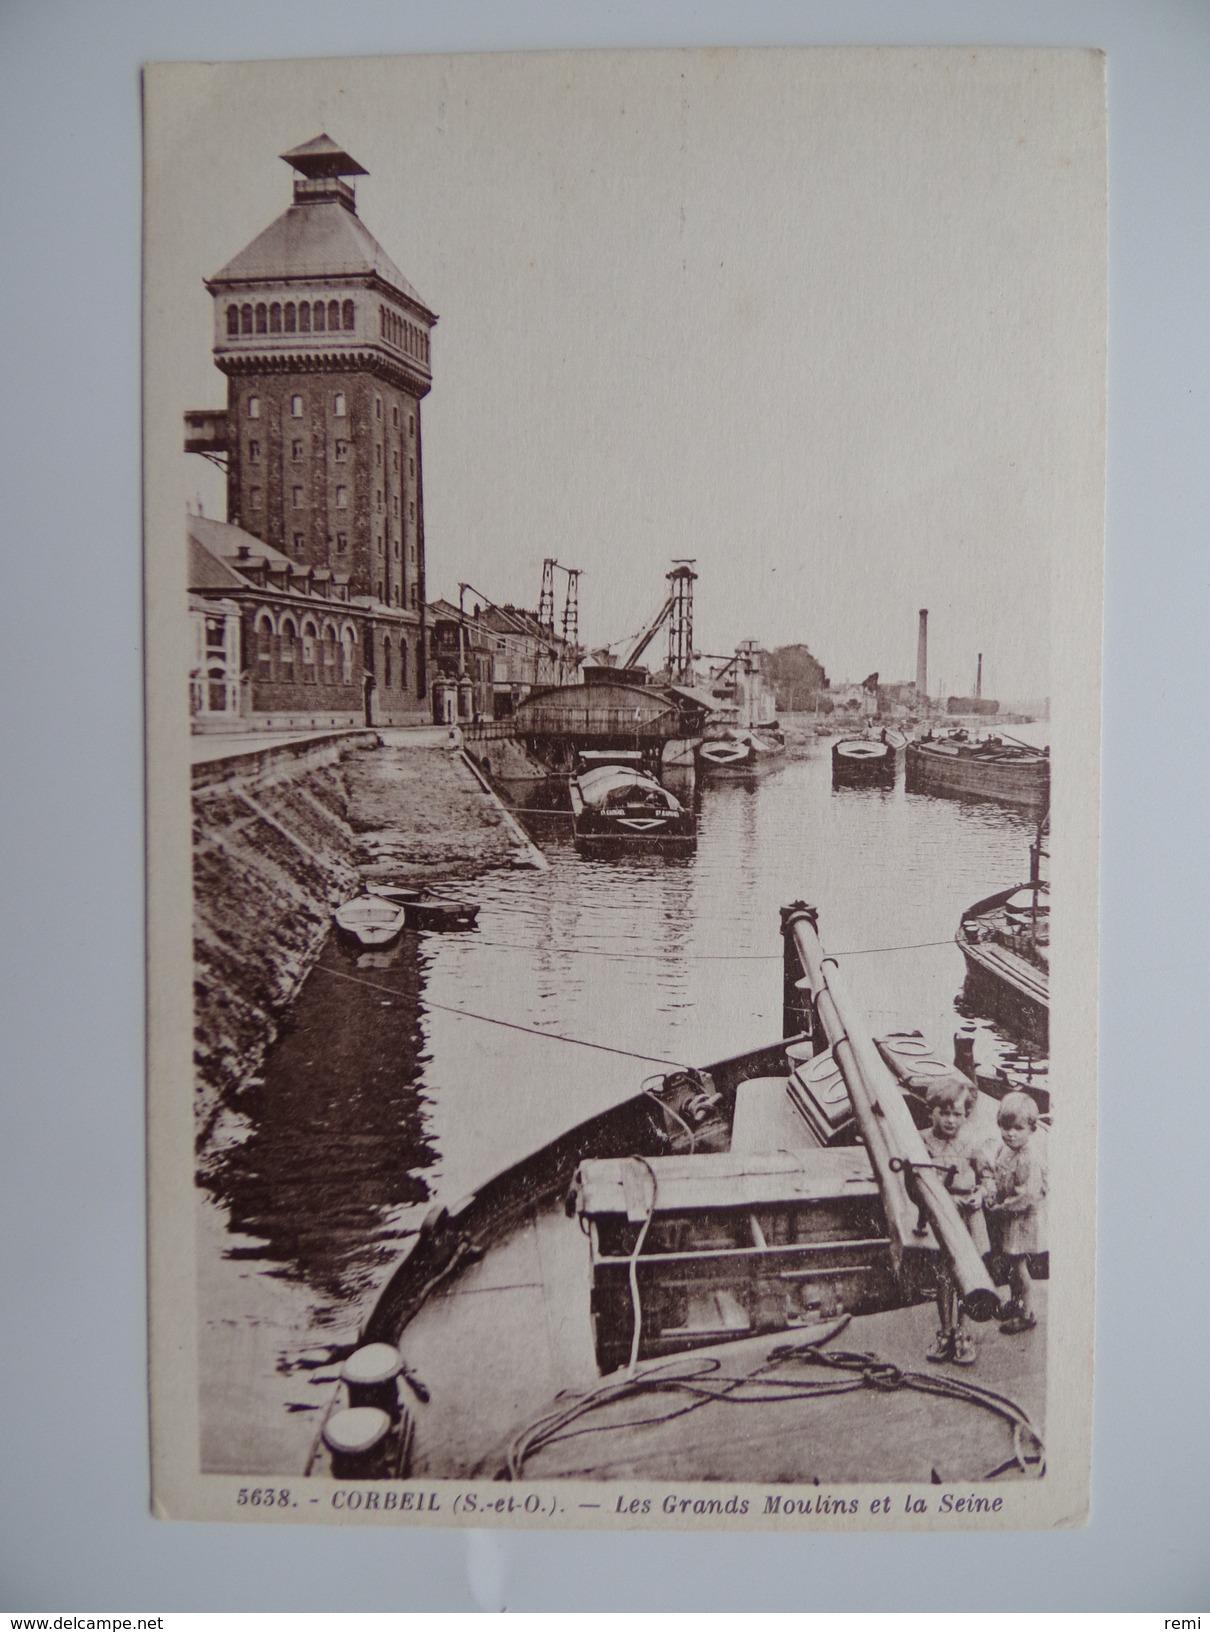 91 CORBEIL ESSONNES Les MOULINS Bords De Seine Barque De Pêche Péniche Canal Navigation Battelerie Marinier Ecluse Bief - Essonnes